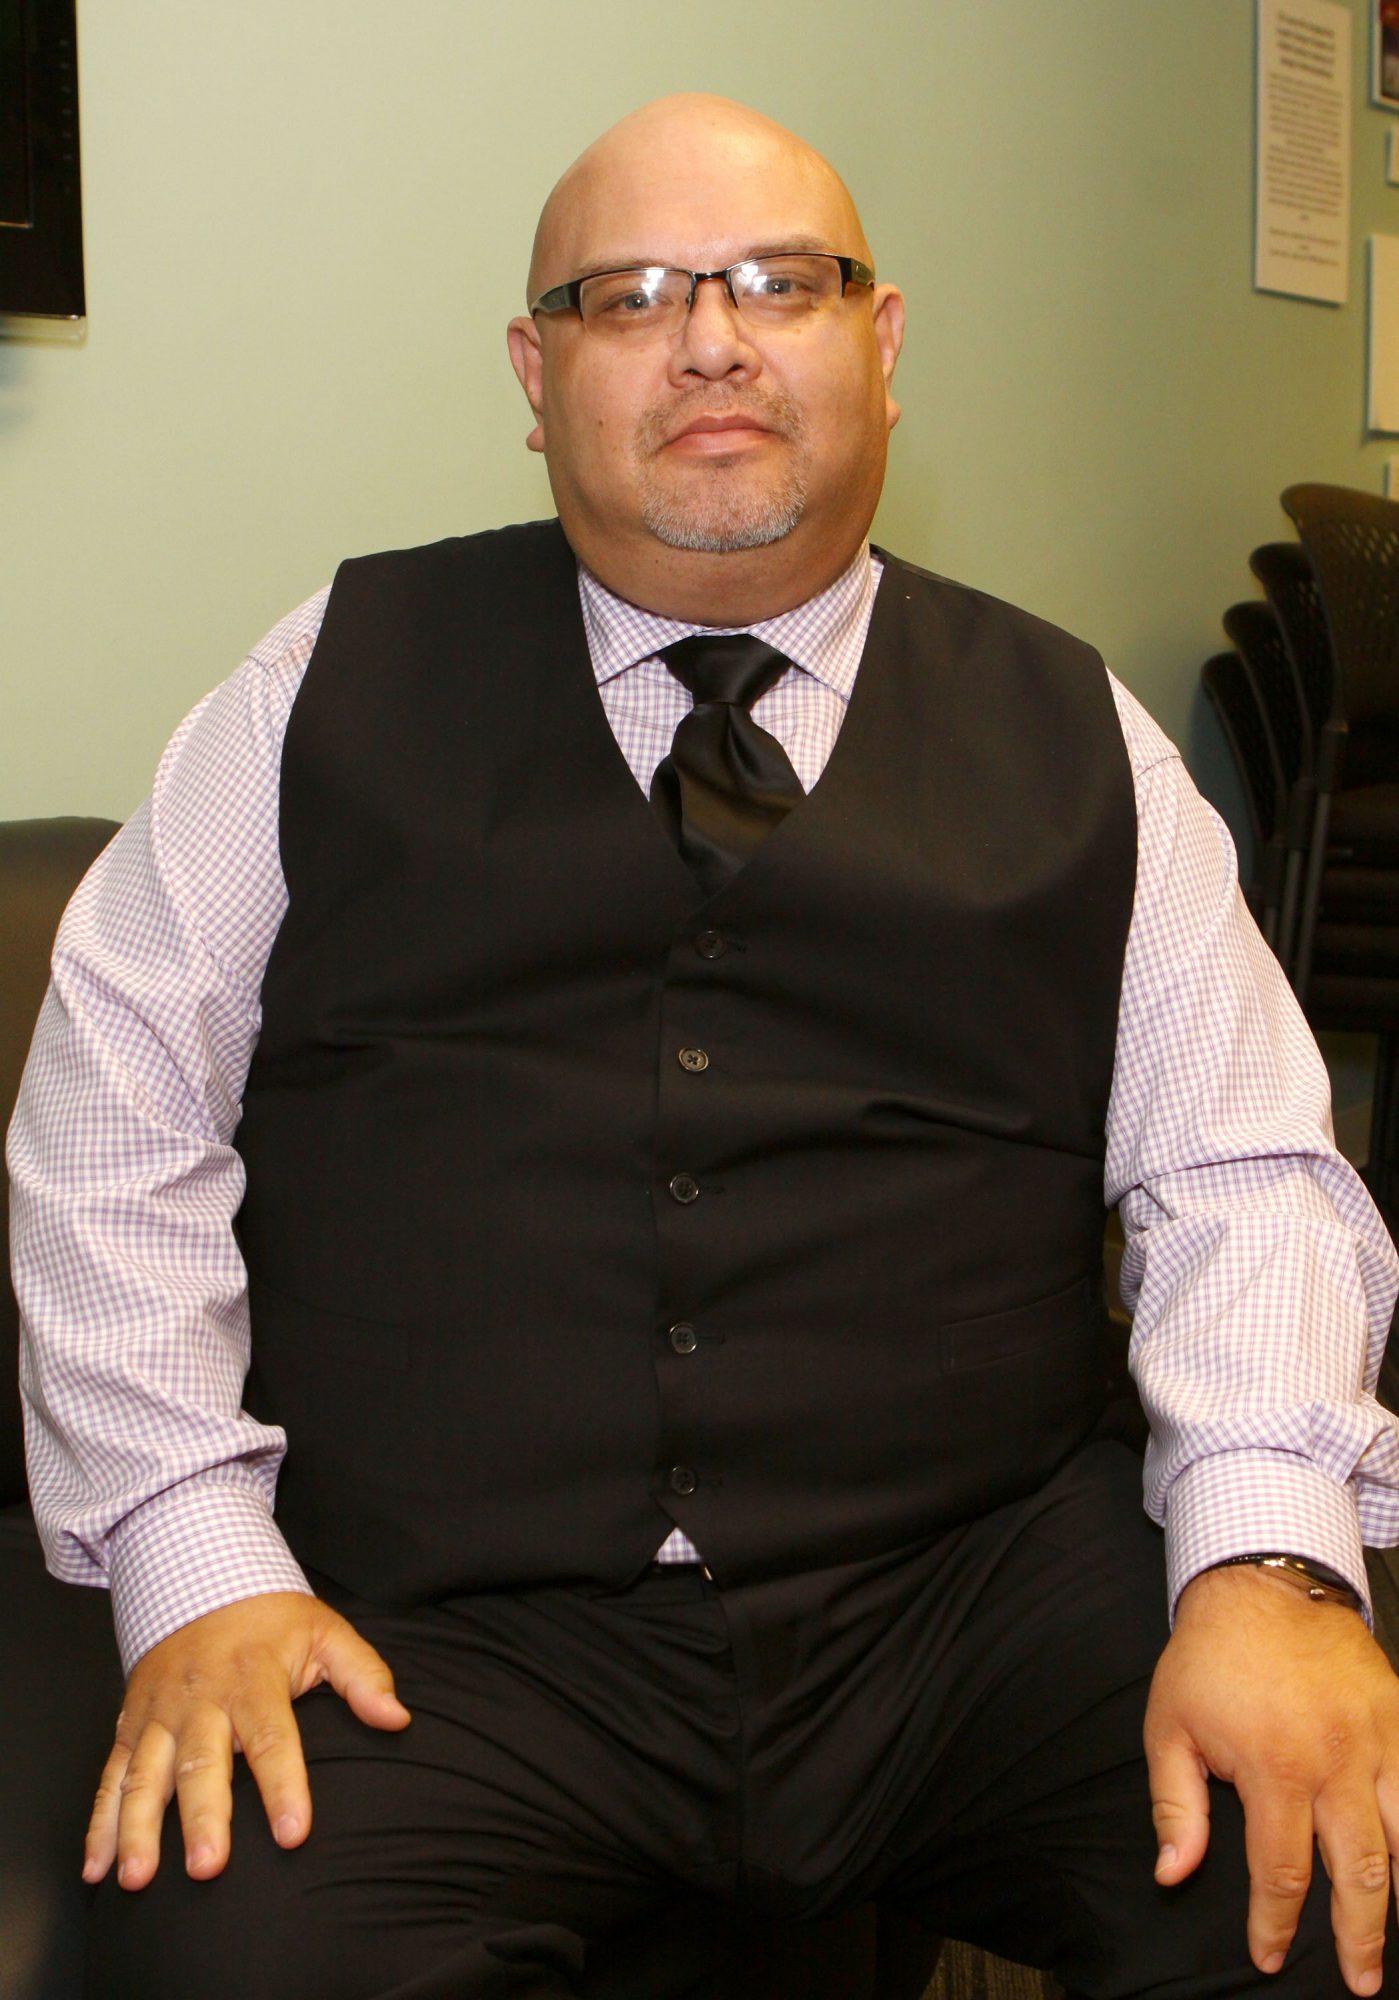 Pete Salgado